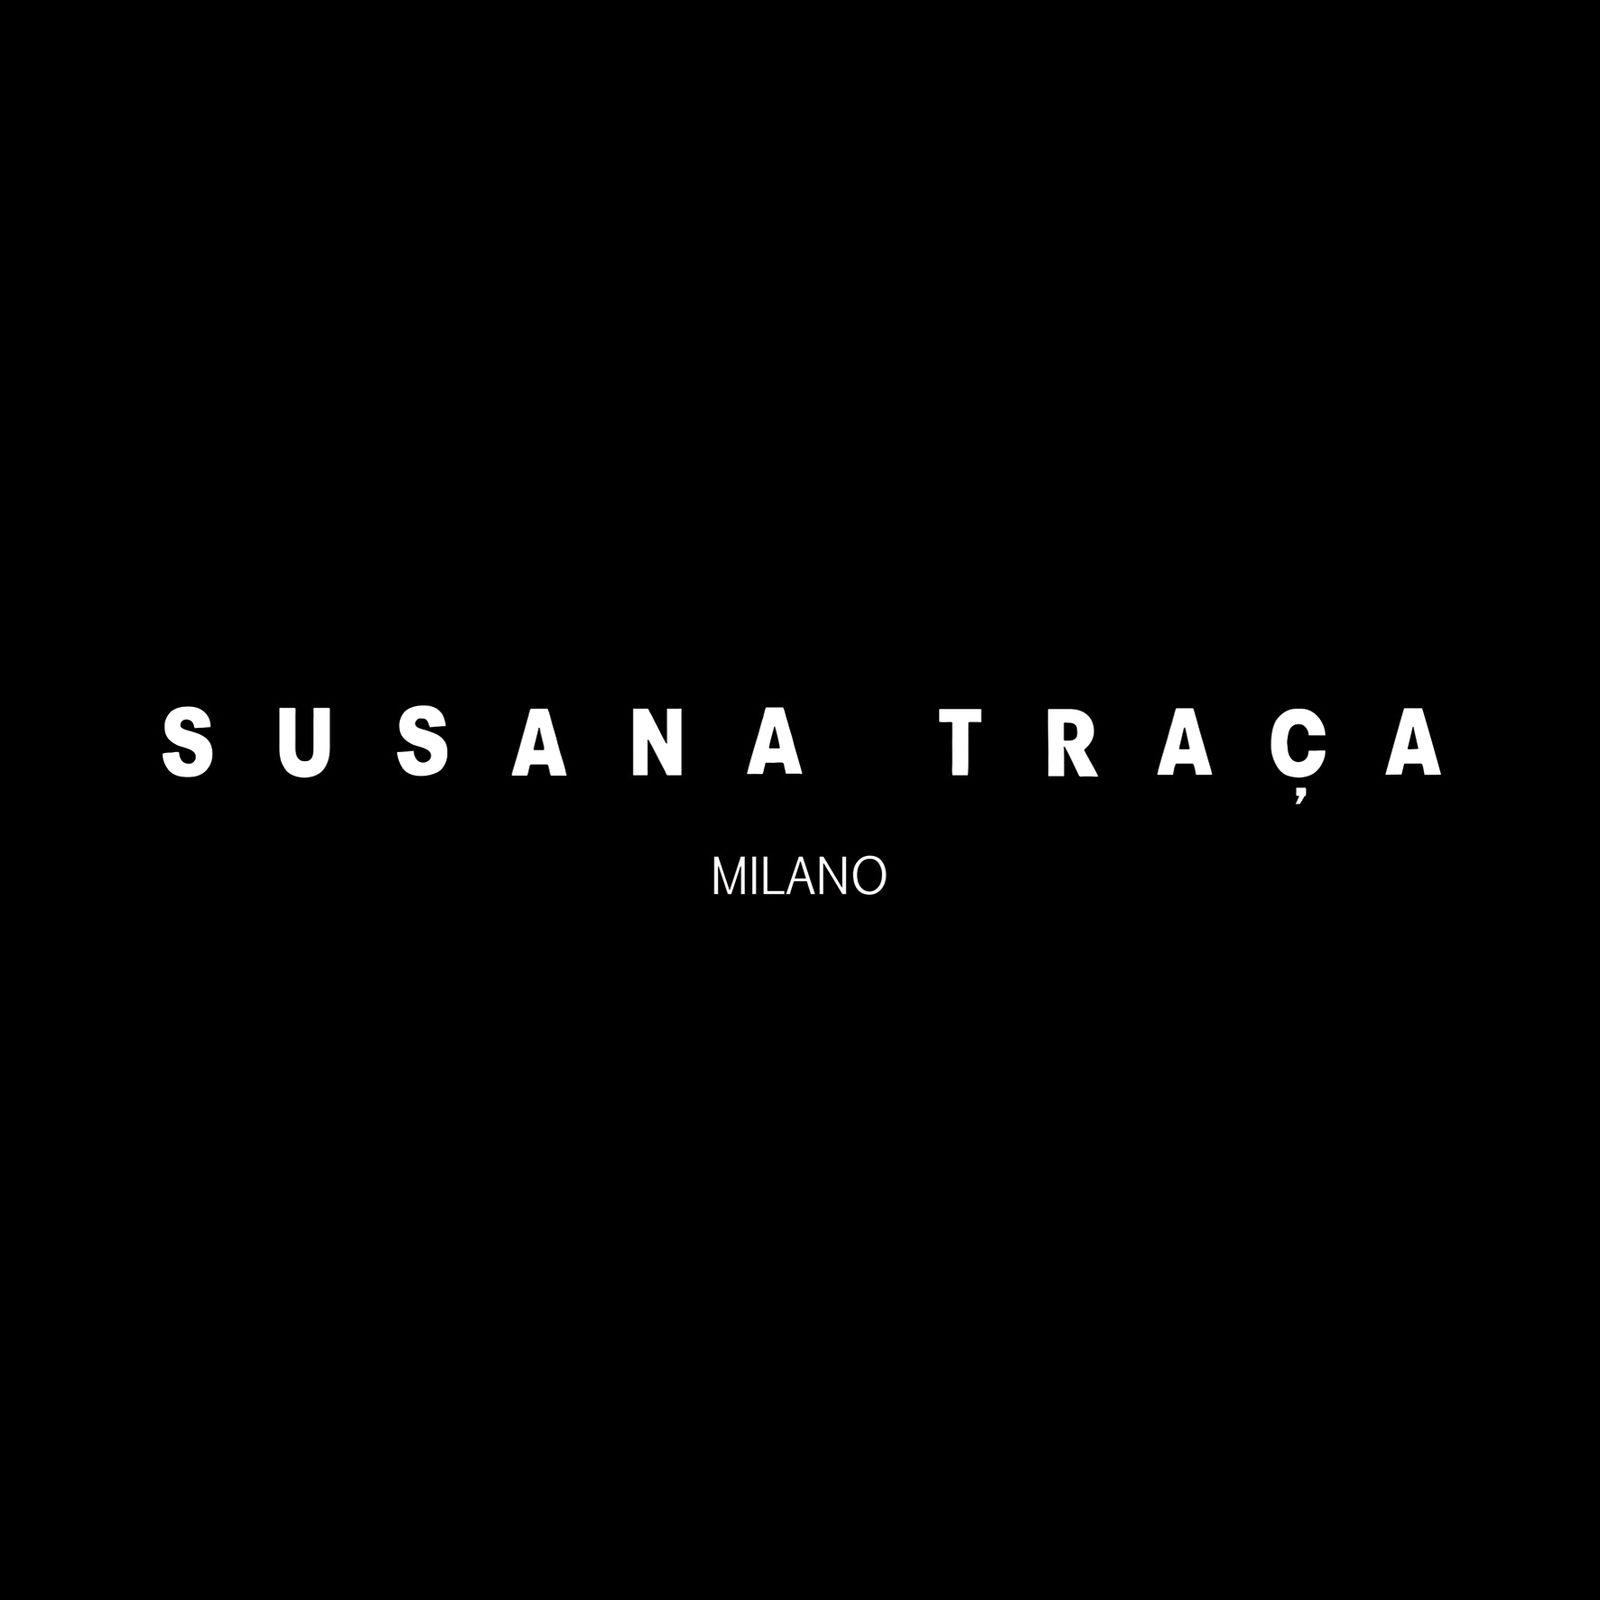 SUSANA TRAÇA